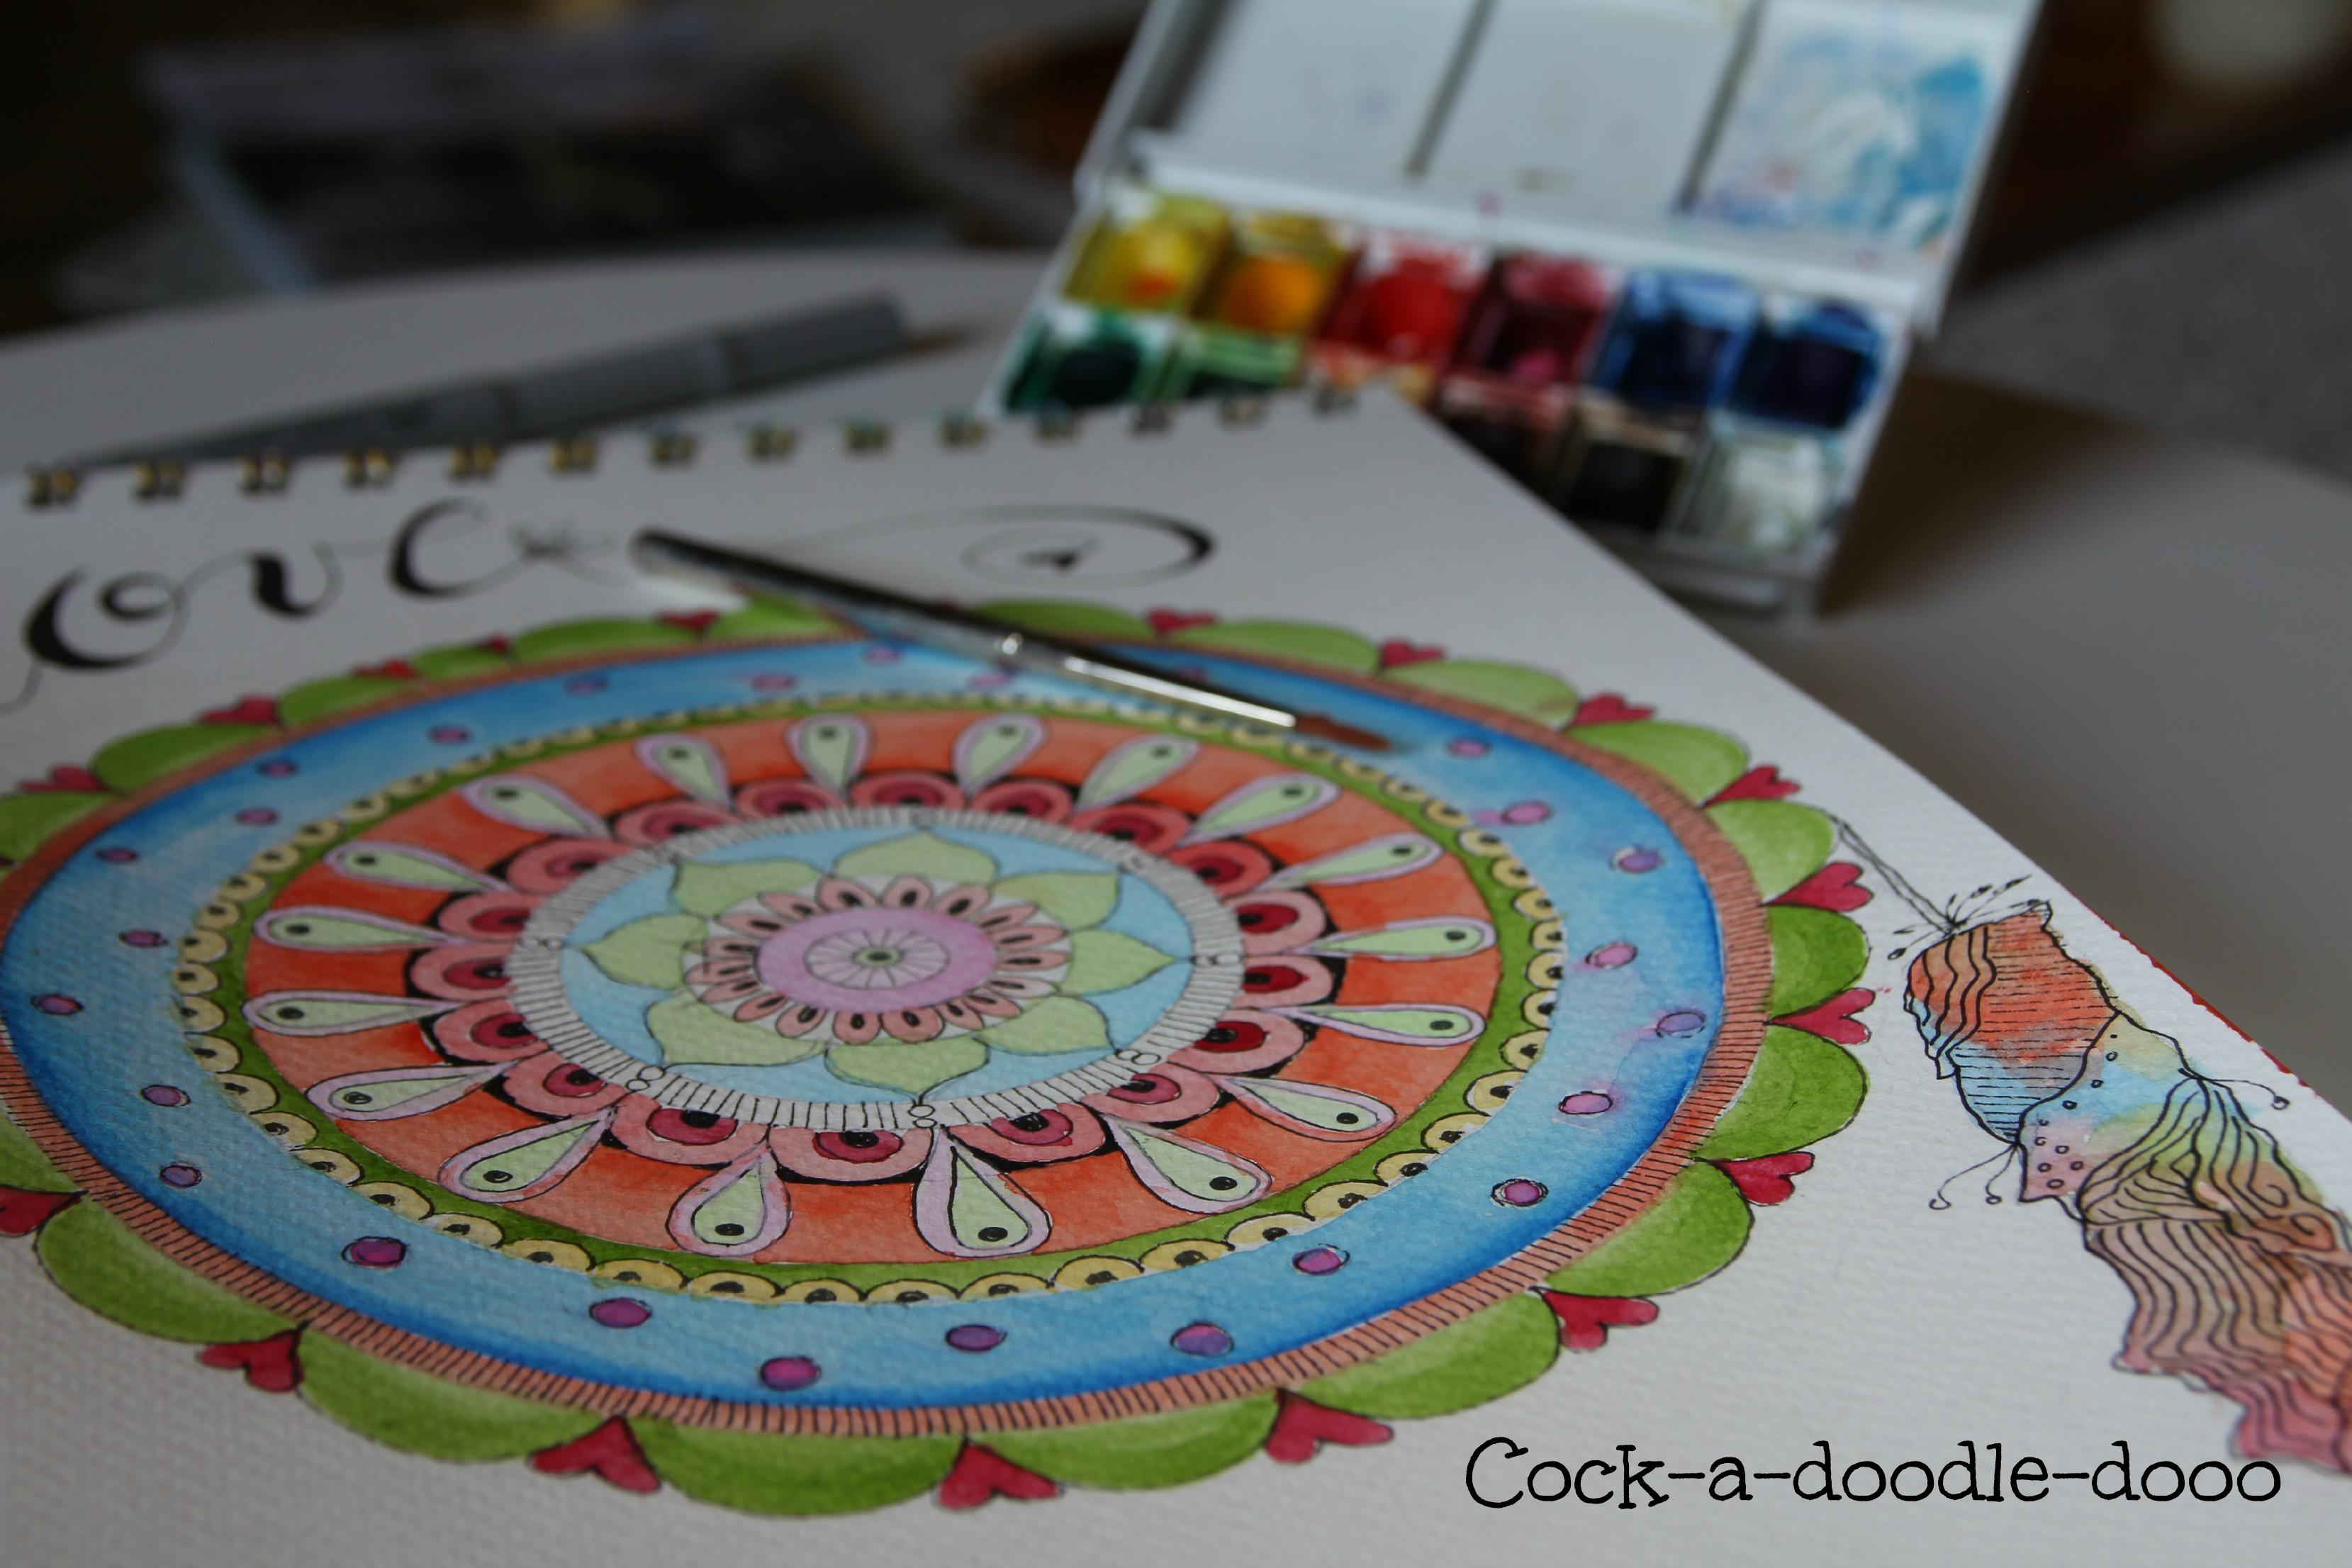 cock-a-doodle-dooo mandala